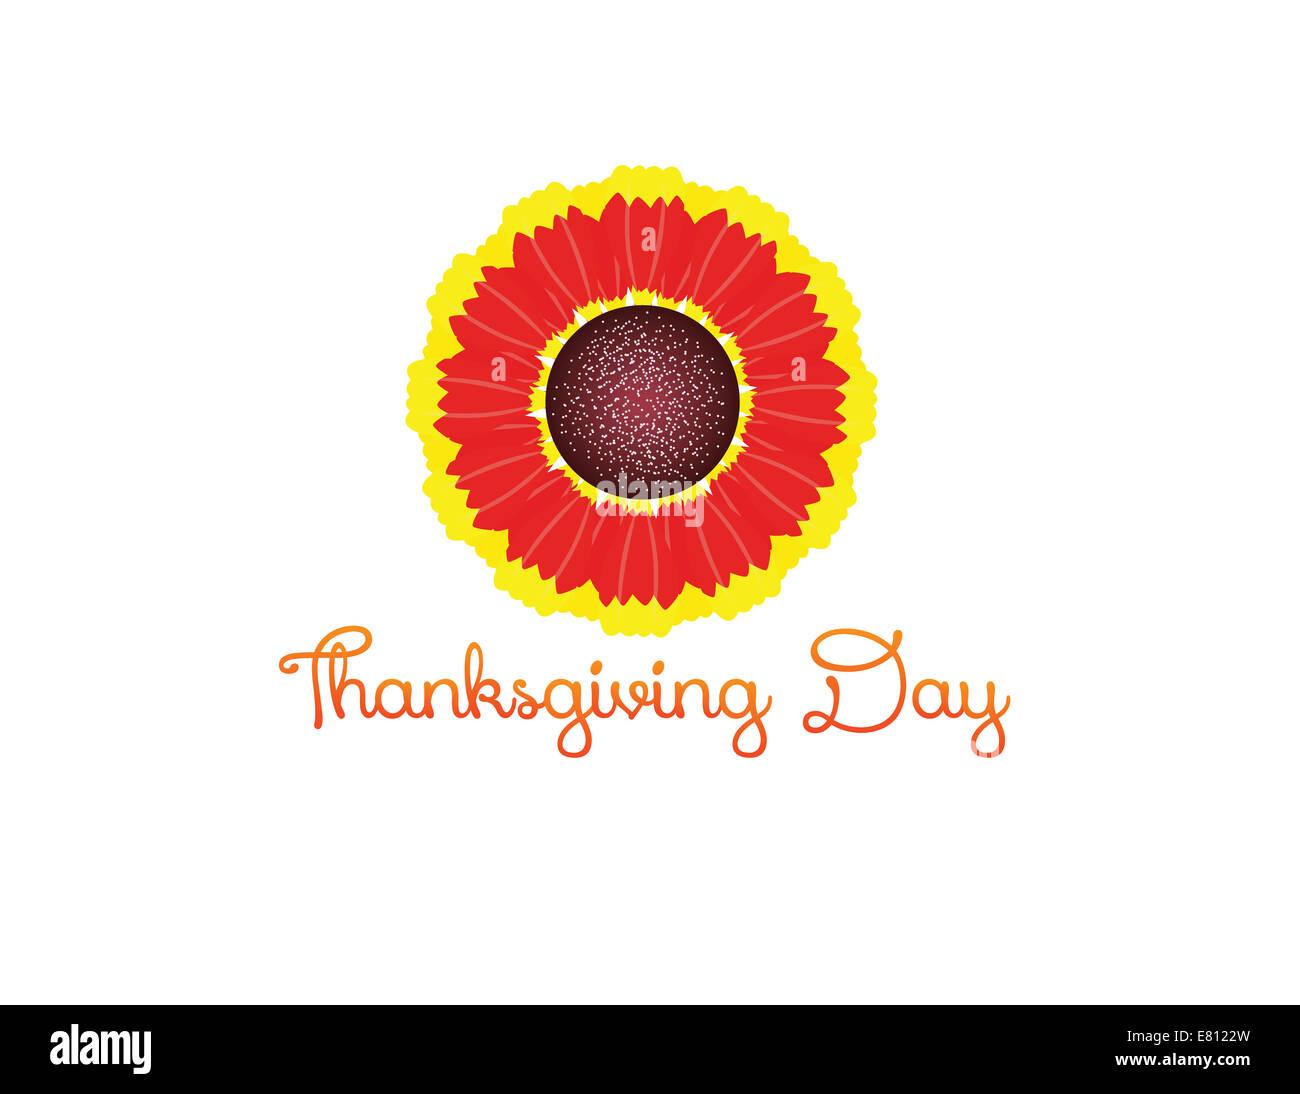 Orígenes del día de acción de gracias Imagen De Stock